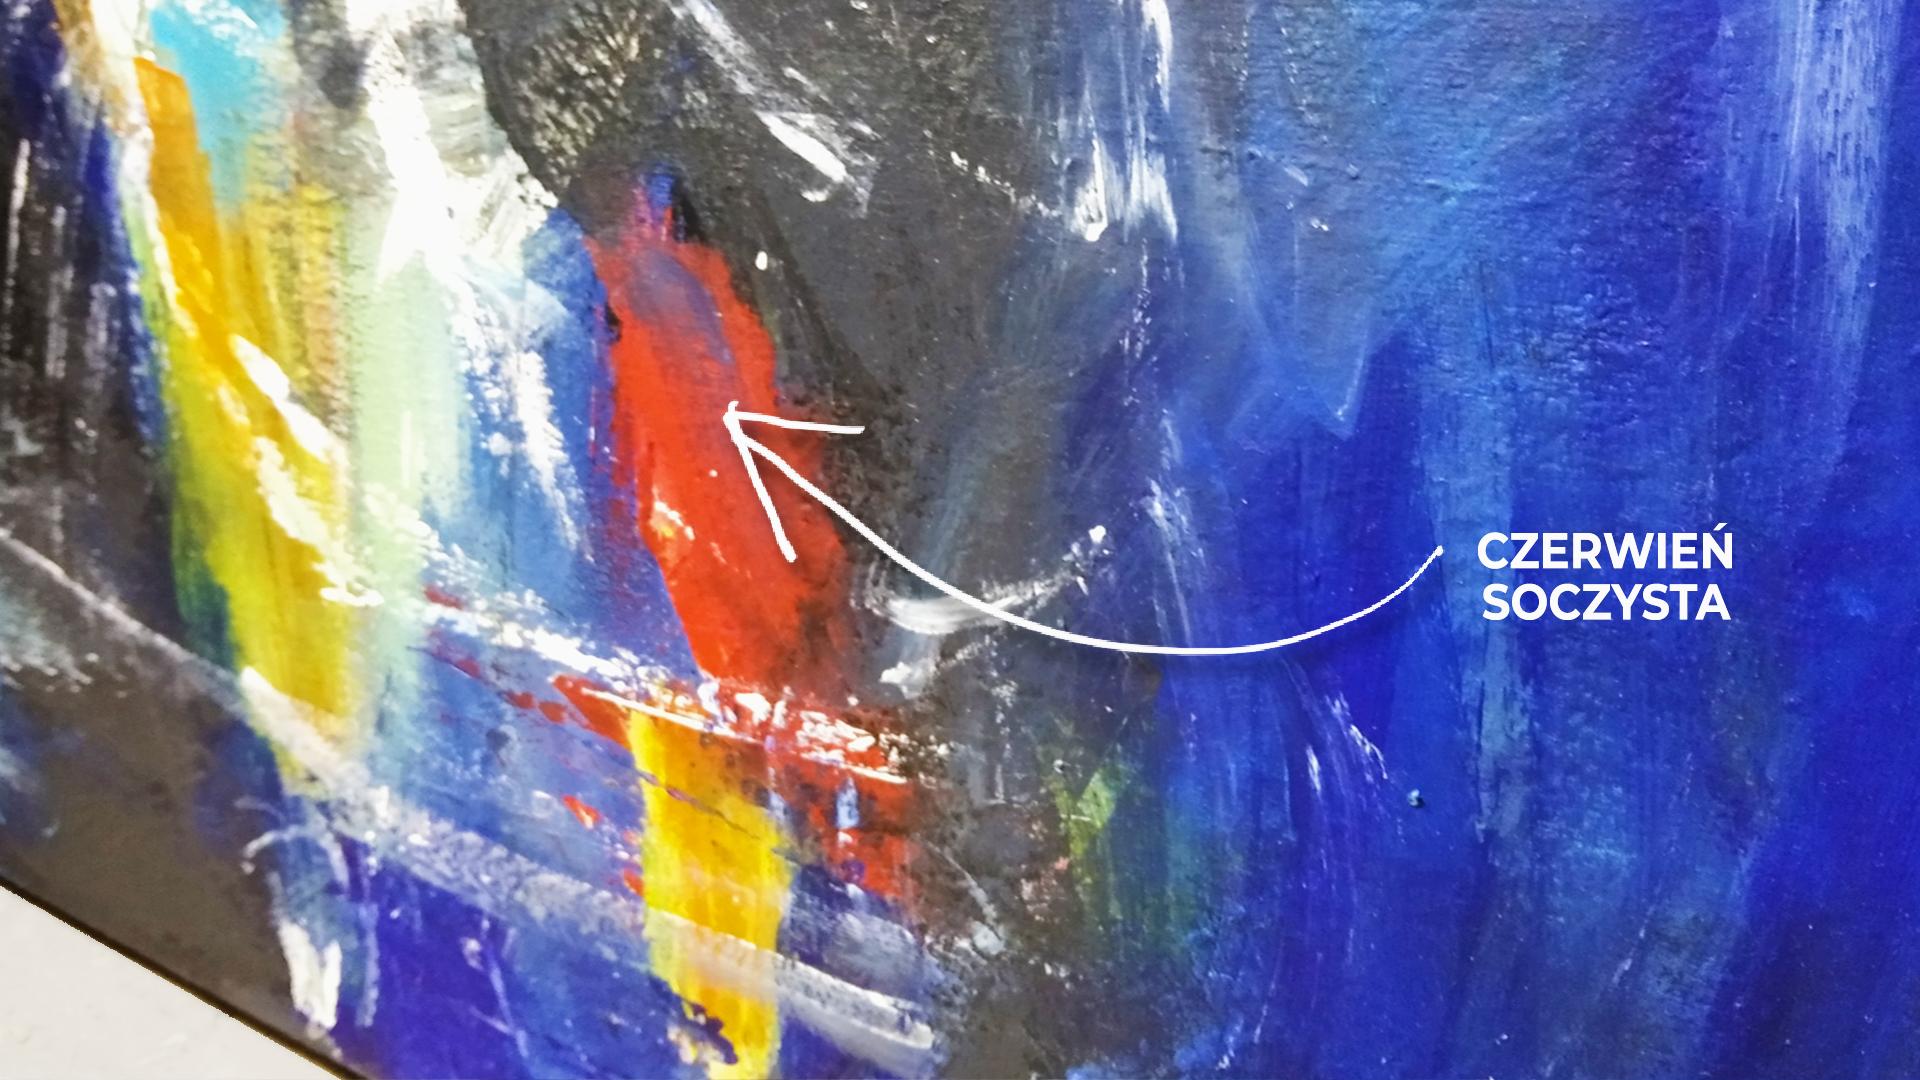 Obraz akrylowy abstrakcyjny z bliska. Obraz z detalem kolorystycznym. Obraz na sprzedaż detal czerwonej wstawki kolorystycznej